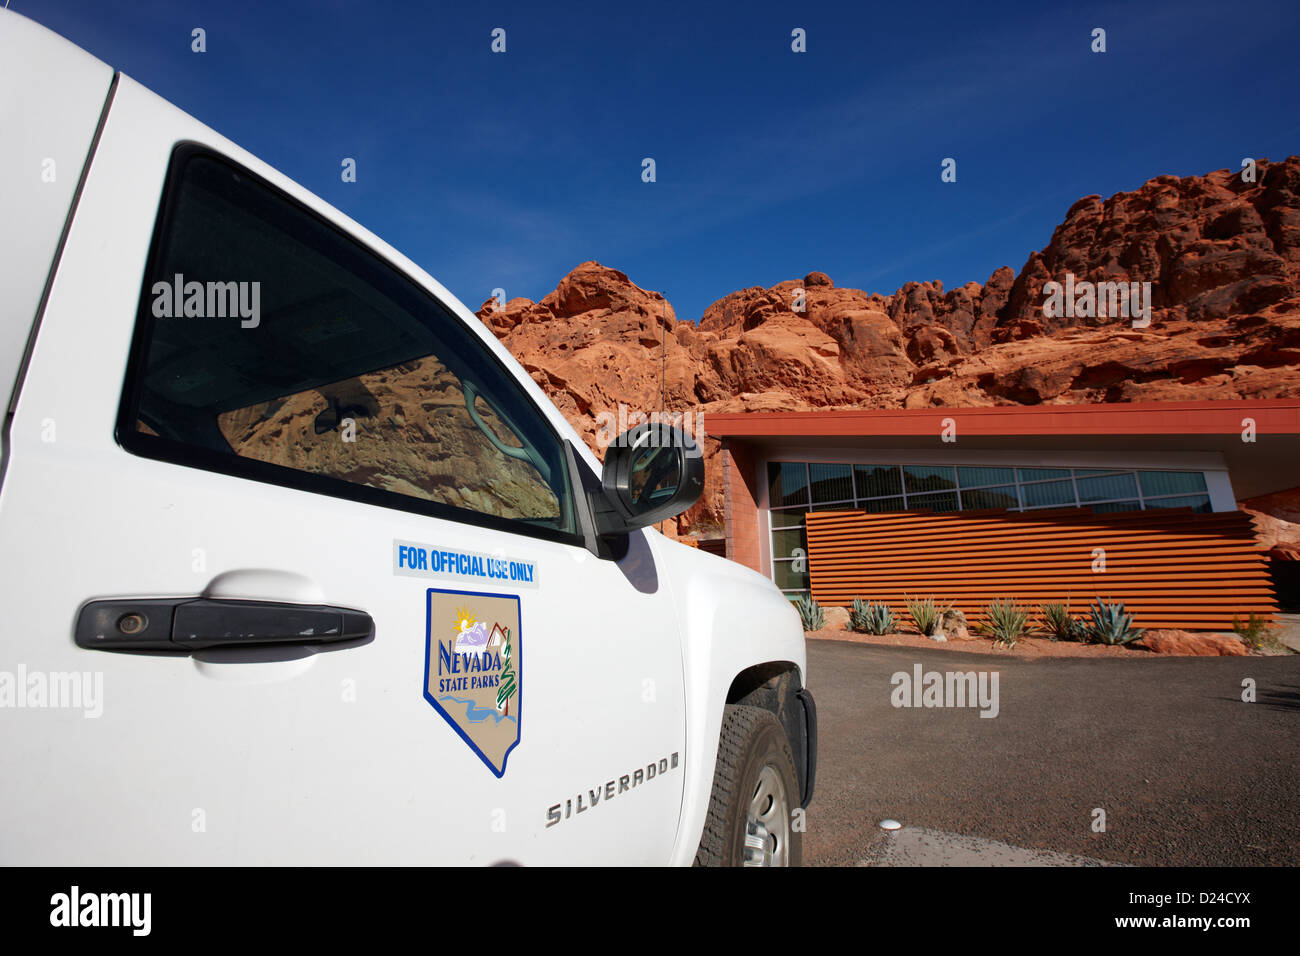 Estado vehículos de guardaparques en el parque estatal Valle del Fuego nevada ee.uu Imagen De Stock